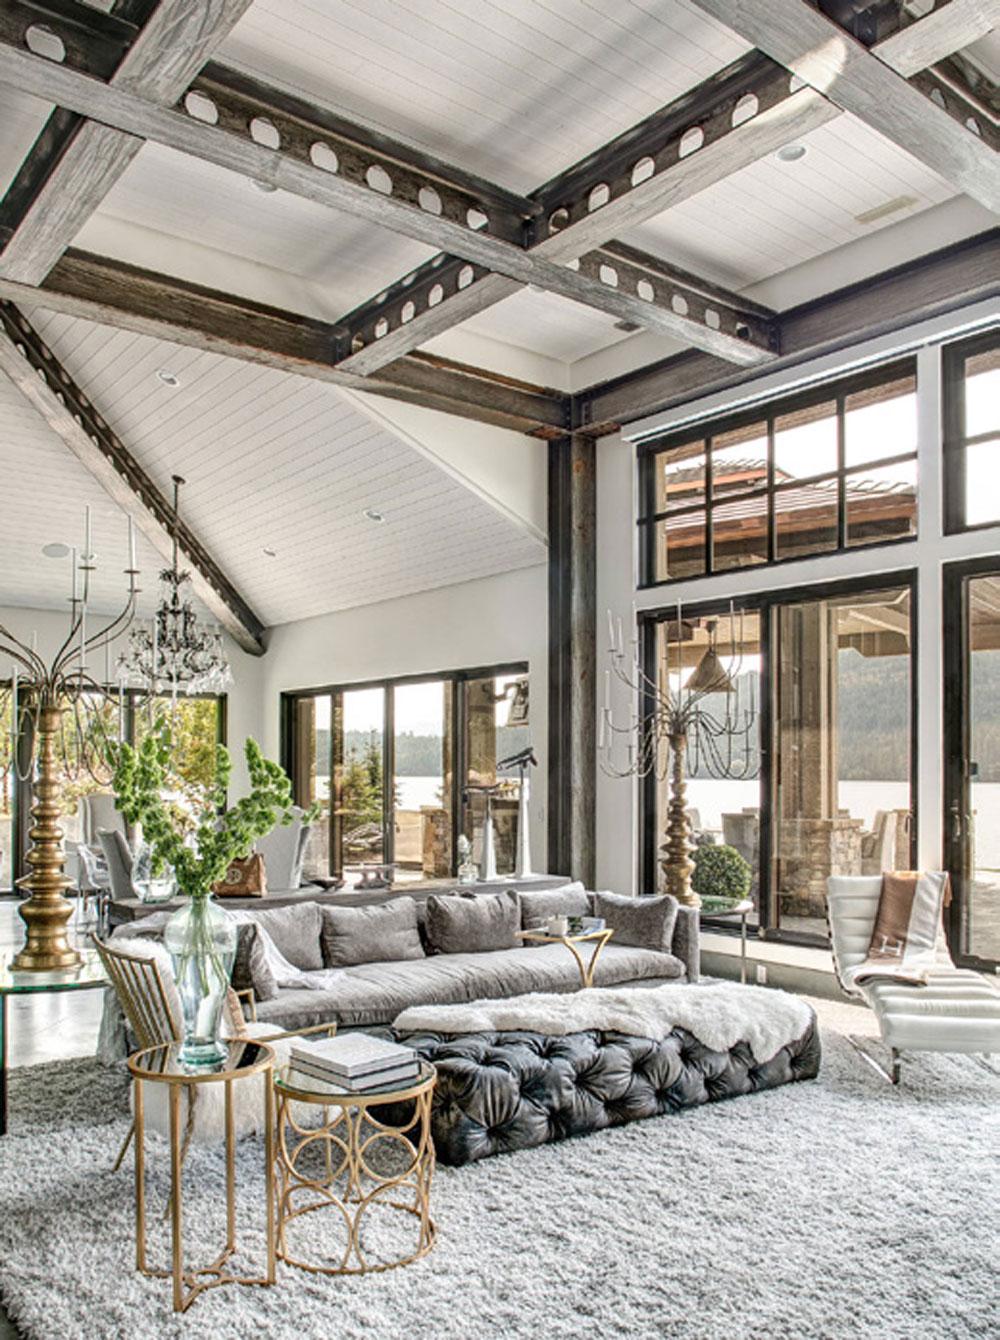 Interior-Design-Vs-Interior-Decorating-6 Interior Design Vs Interior Decorating